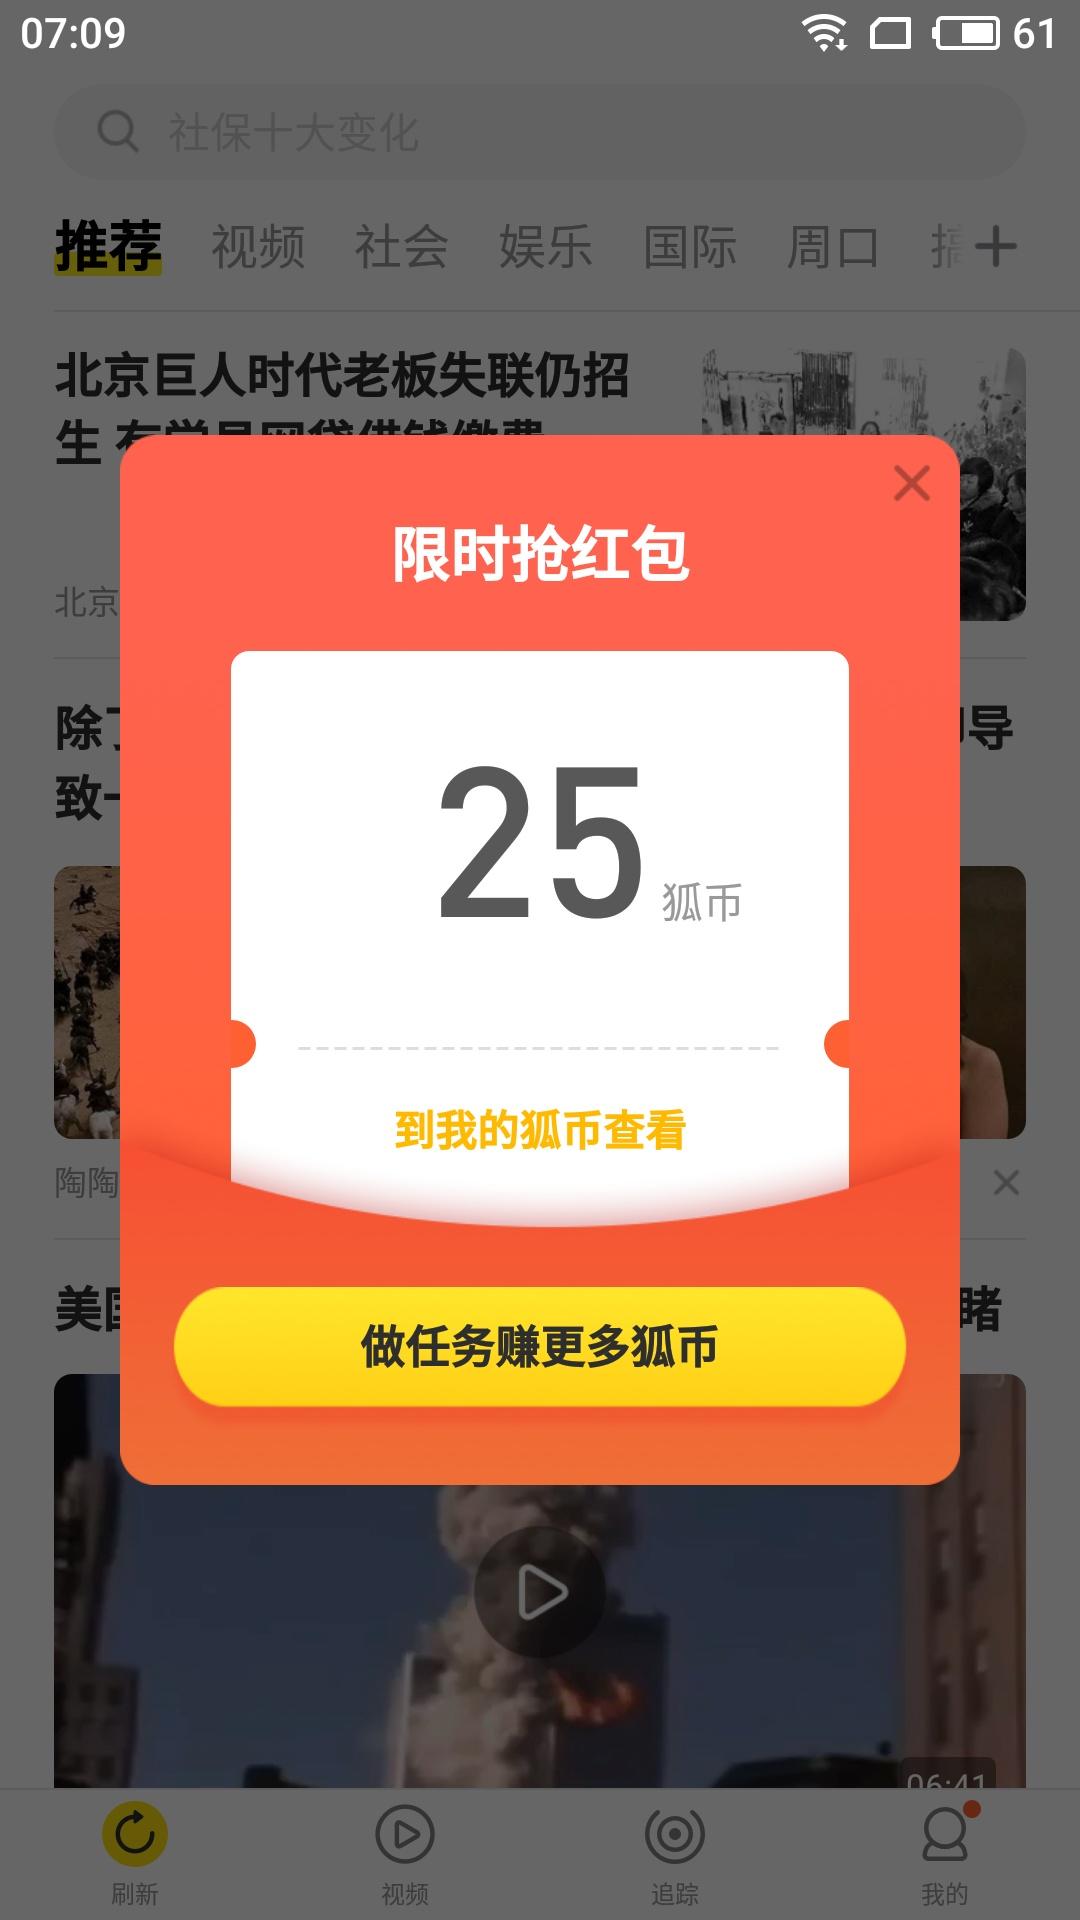 搜狐资讯app抢金币